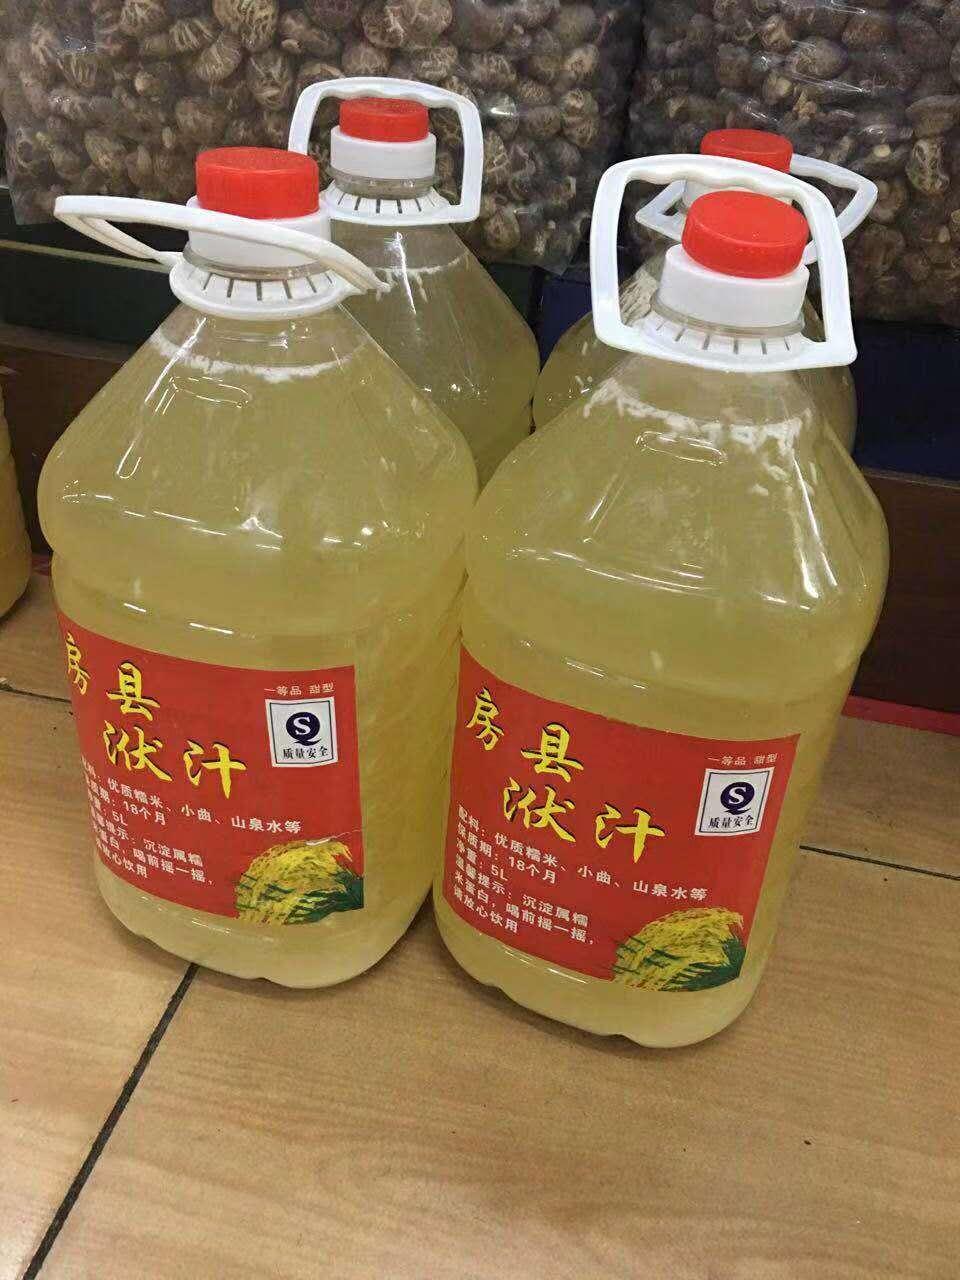 房縣黃酒10斤裝十堰